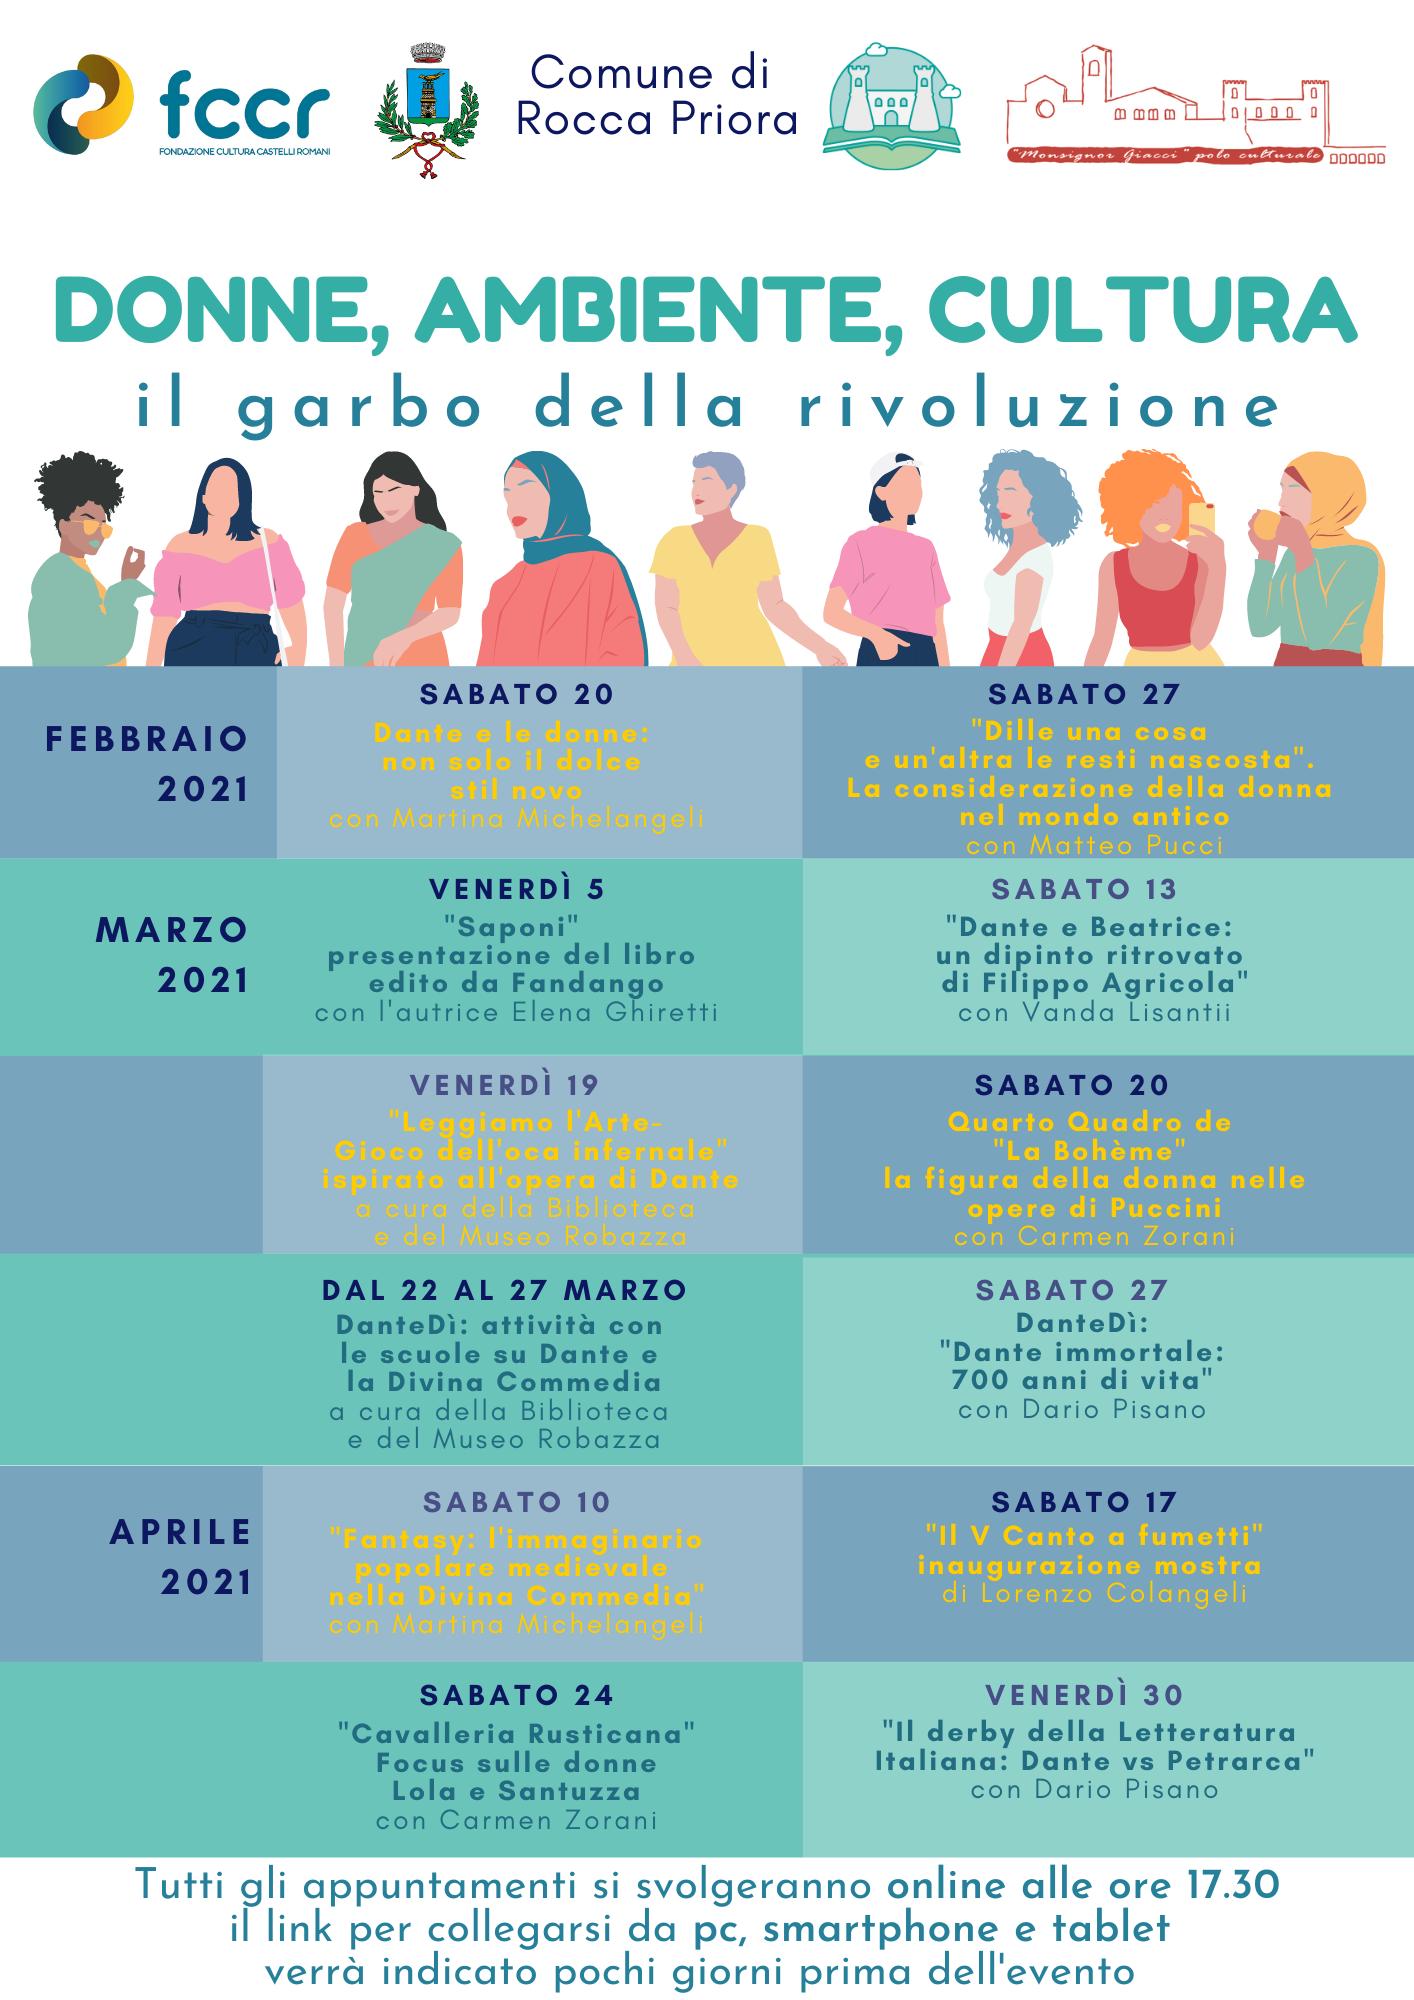 Donne, ambiente, cultura. Il garbo della rivoluzione, nuova rassegna a Rocca Priora